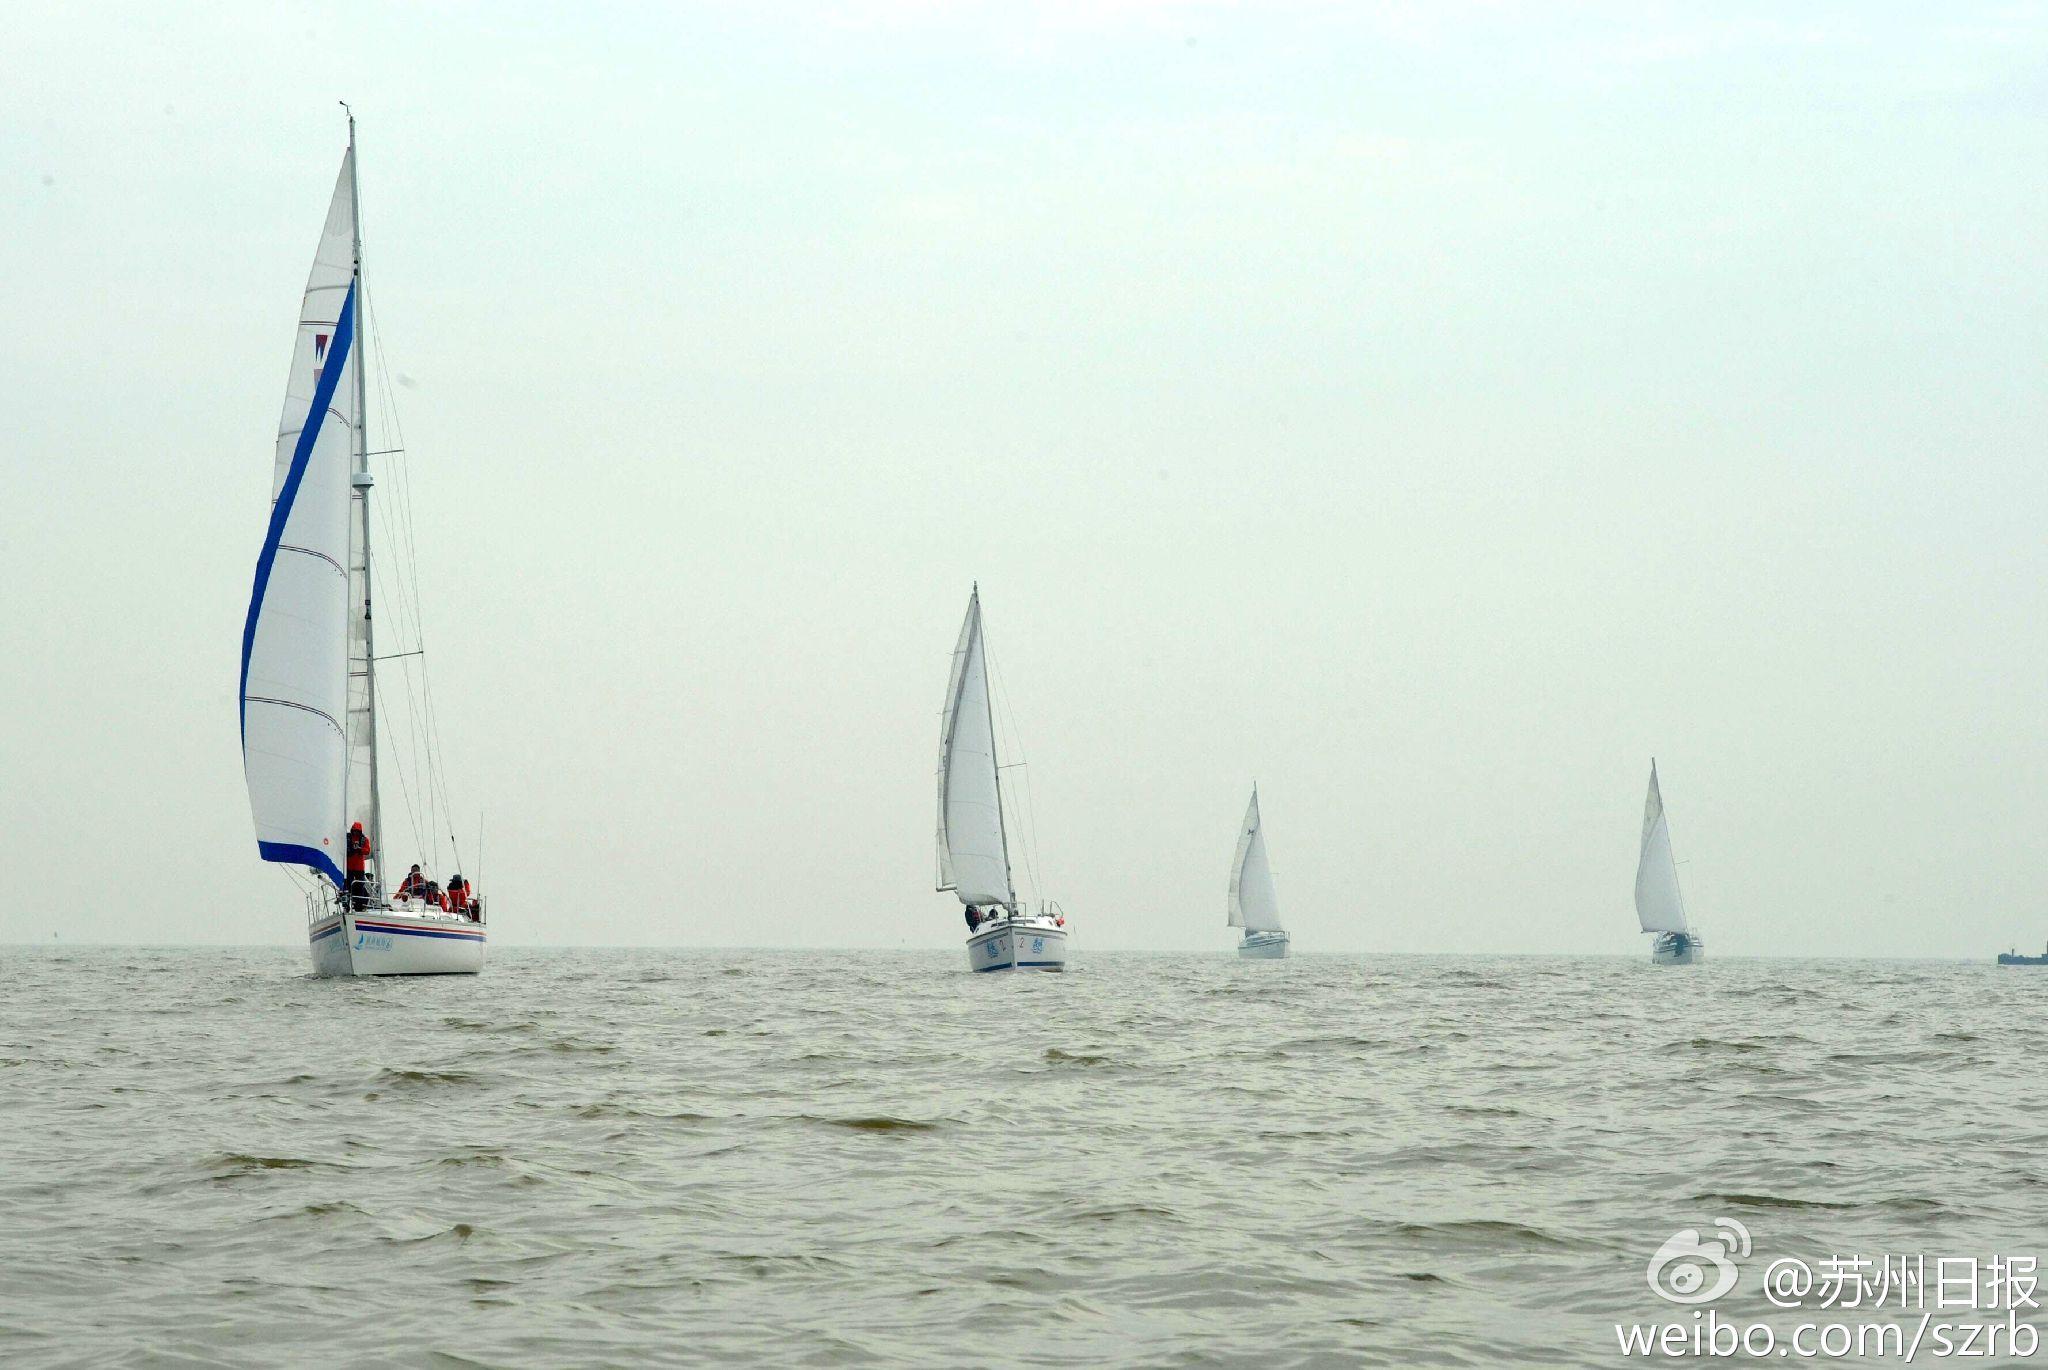 浙江湖州,江苏省,有限公司,帆船运动,卡特琳娜 太湖水域首个帆船比赛环太湖帆船拉力赛扬帆 9.jpg